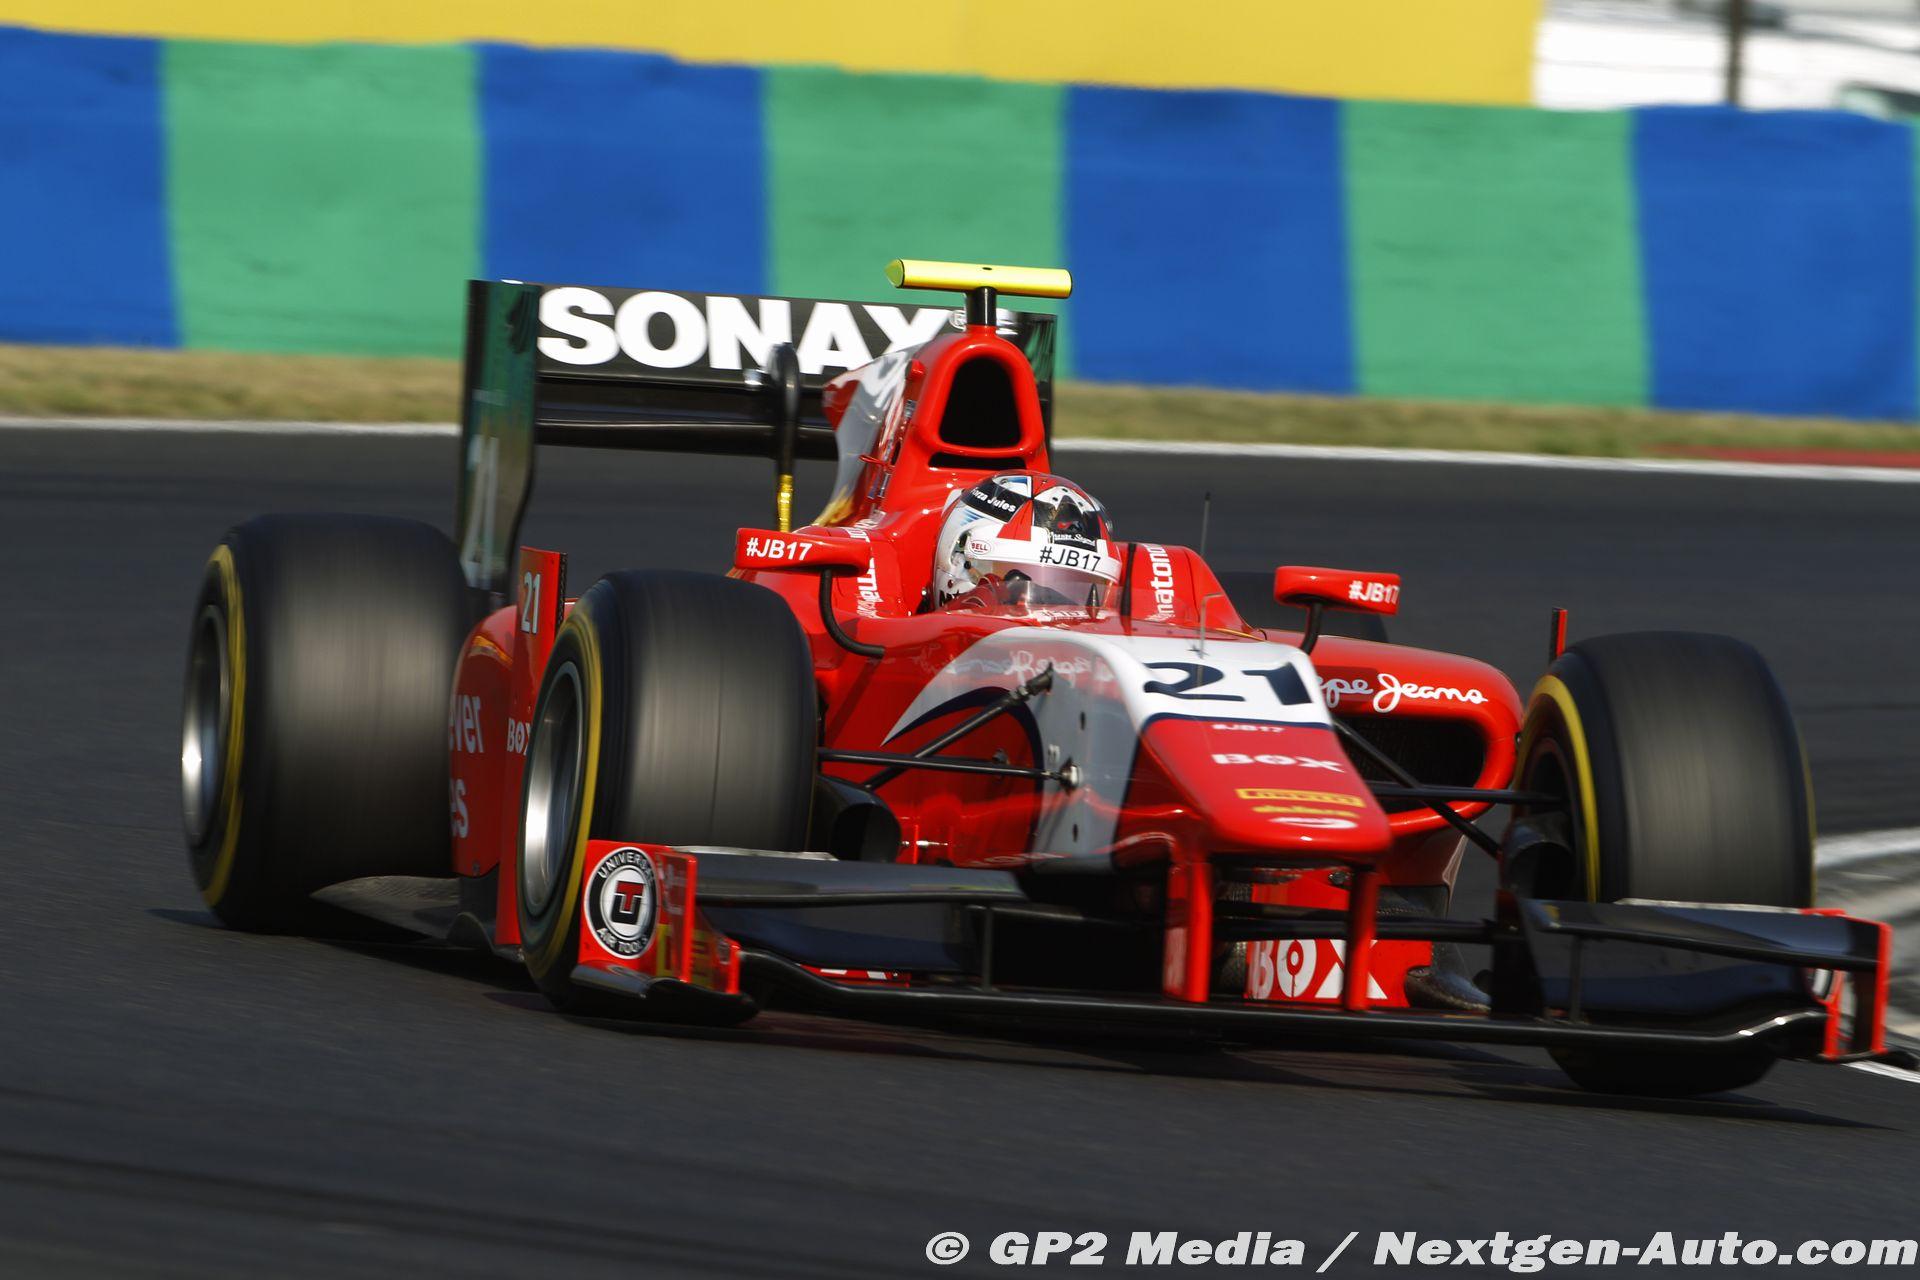 2015 GP2 Hongrie - Arden - Norman Nato